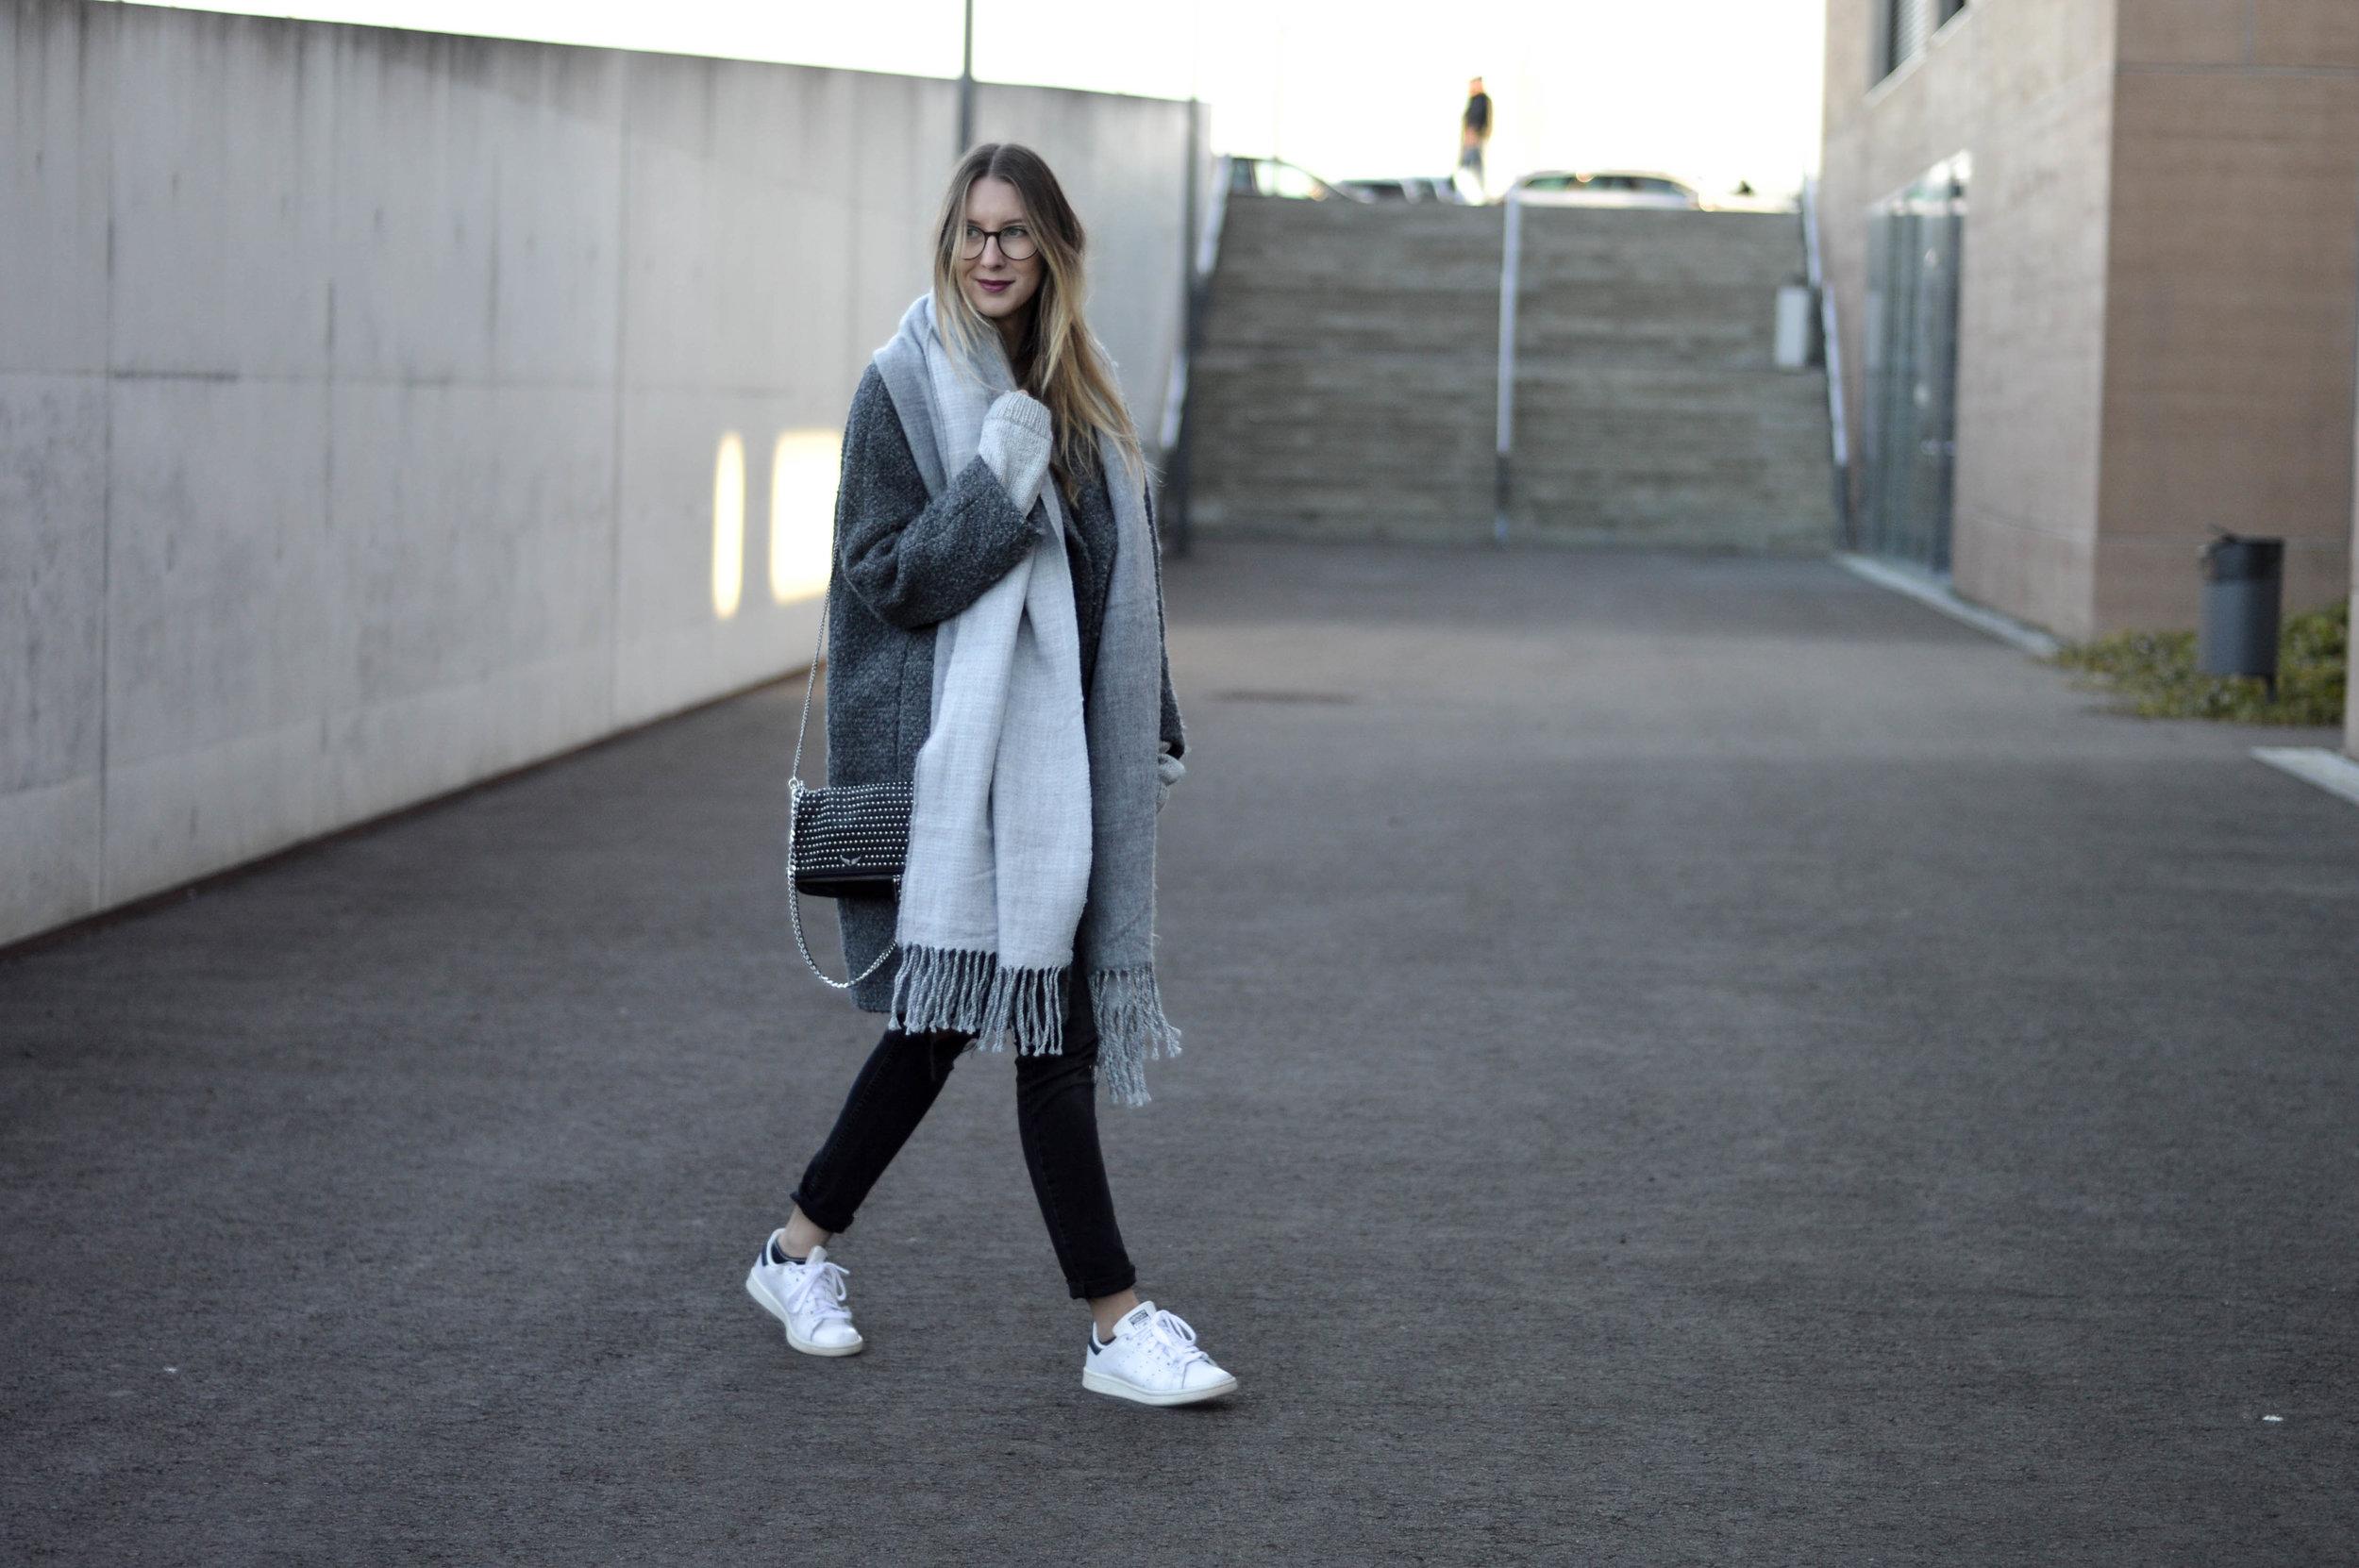 Grey Coat - OSIARAH.COM (17 of 18).jpg